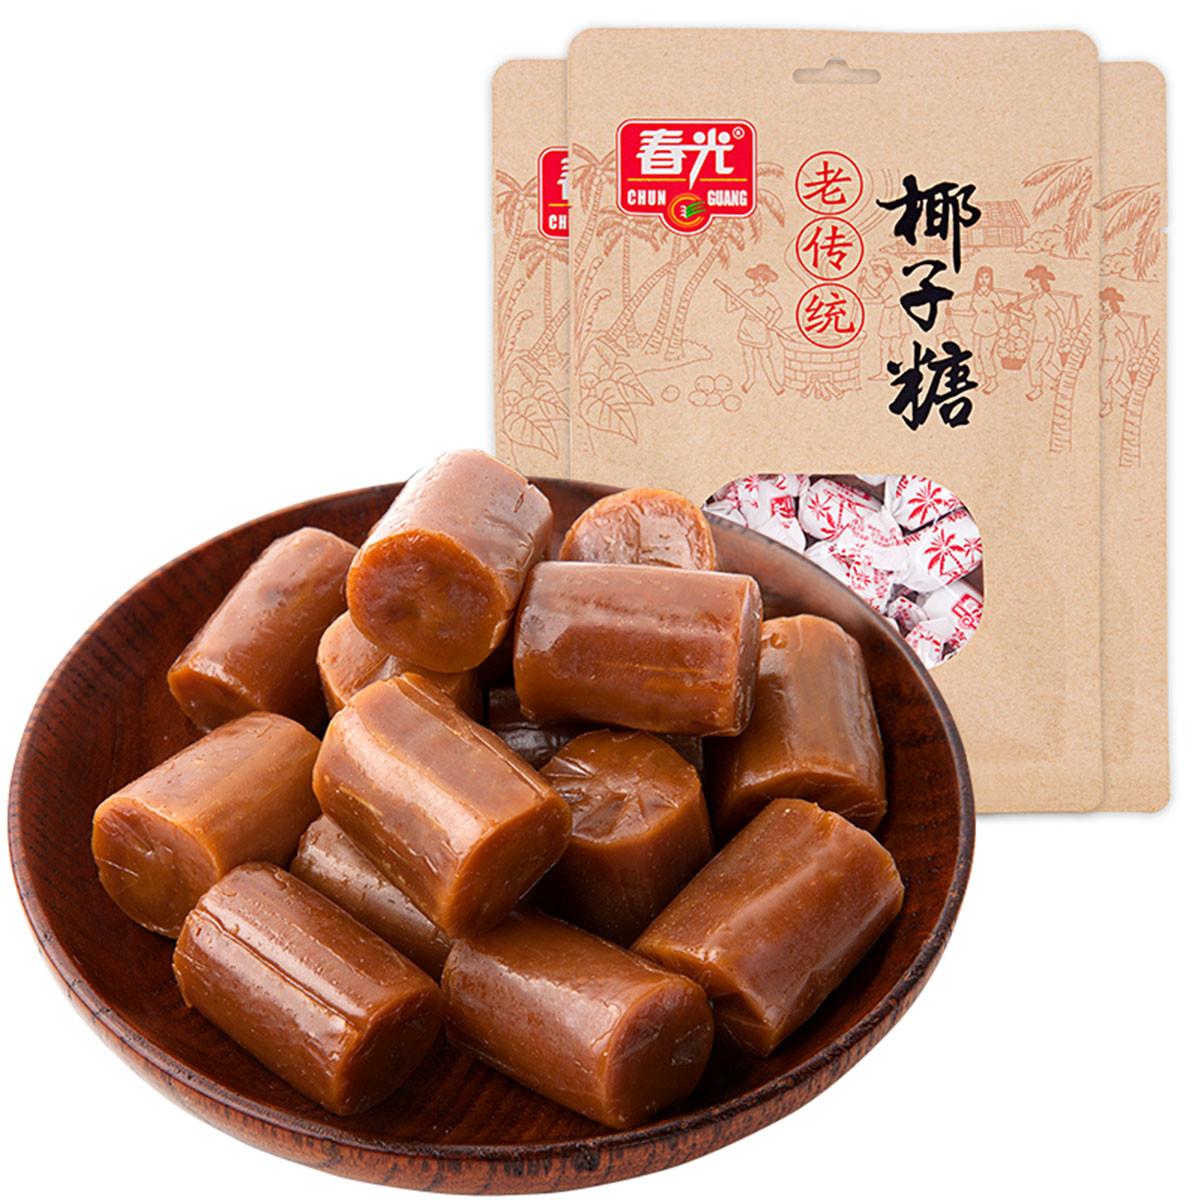 春光海南特产休闲食品水果糖糖果批发老传统椰子糖200g*6袋装COLOR银色